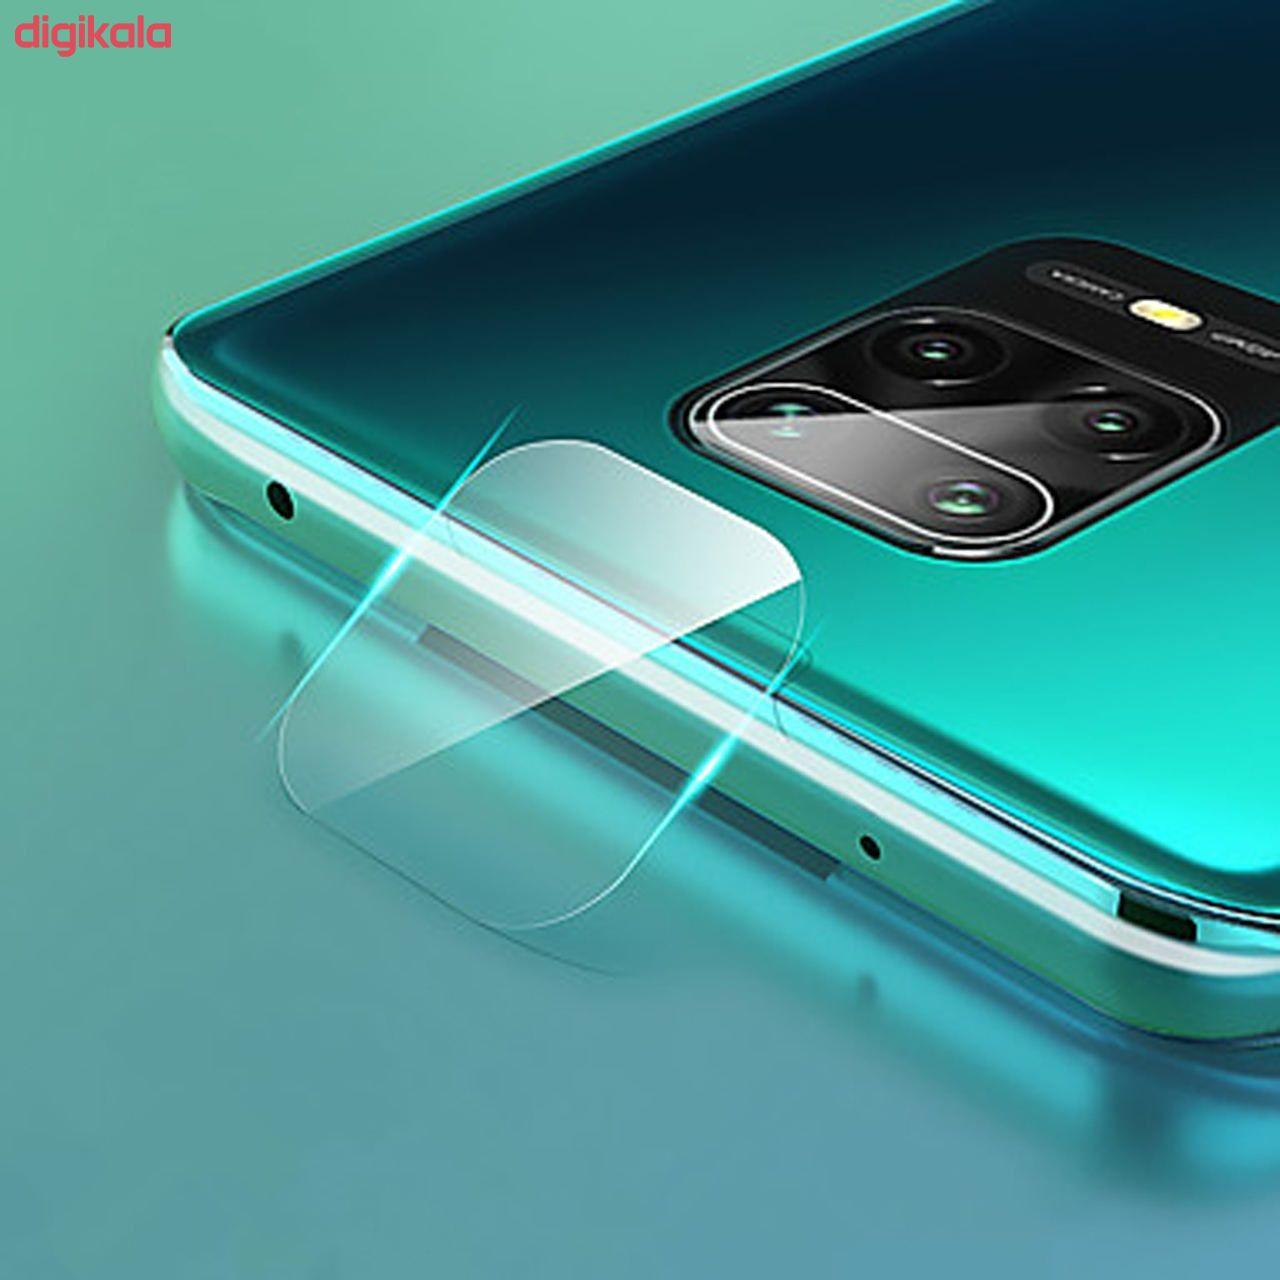 محافظ صفحه نمايش روبیکس مدل FUA مناسب برای گوشی موبایل شیائومی Redmi Note 9S/9 pro/9/9 pro max به همراه محافظ لنز دوربین main 1 4